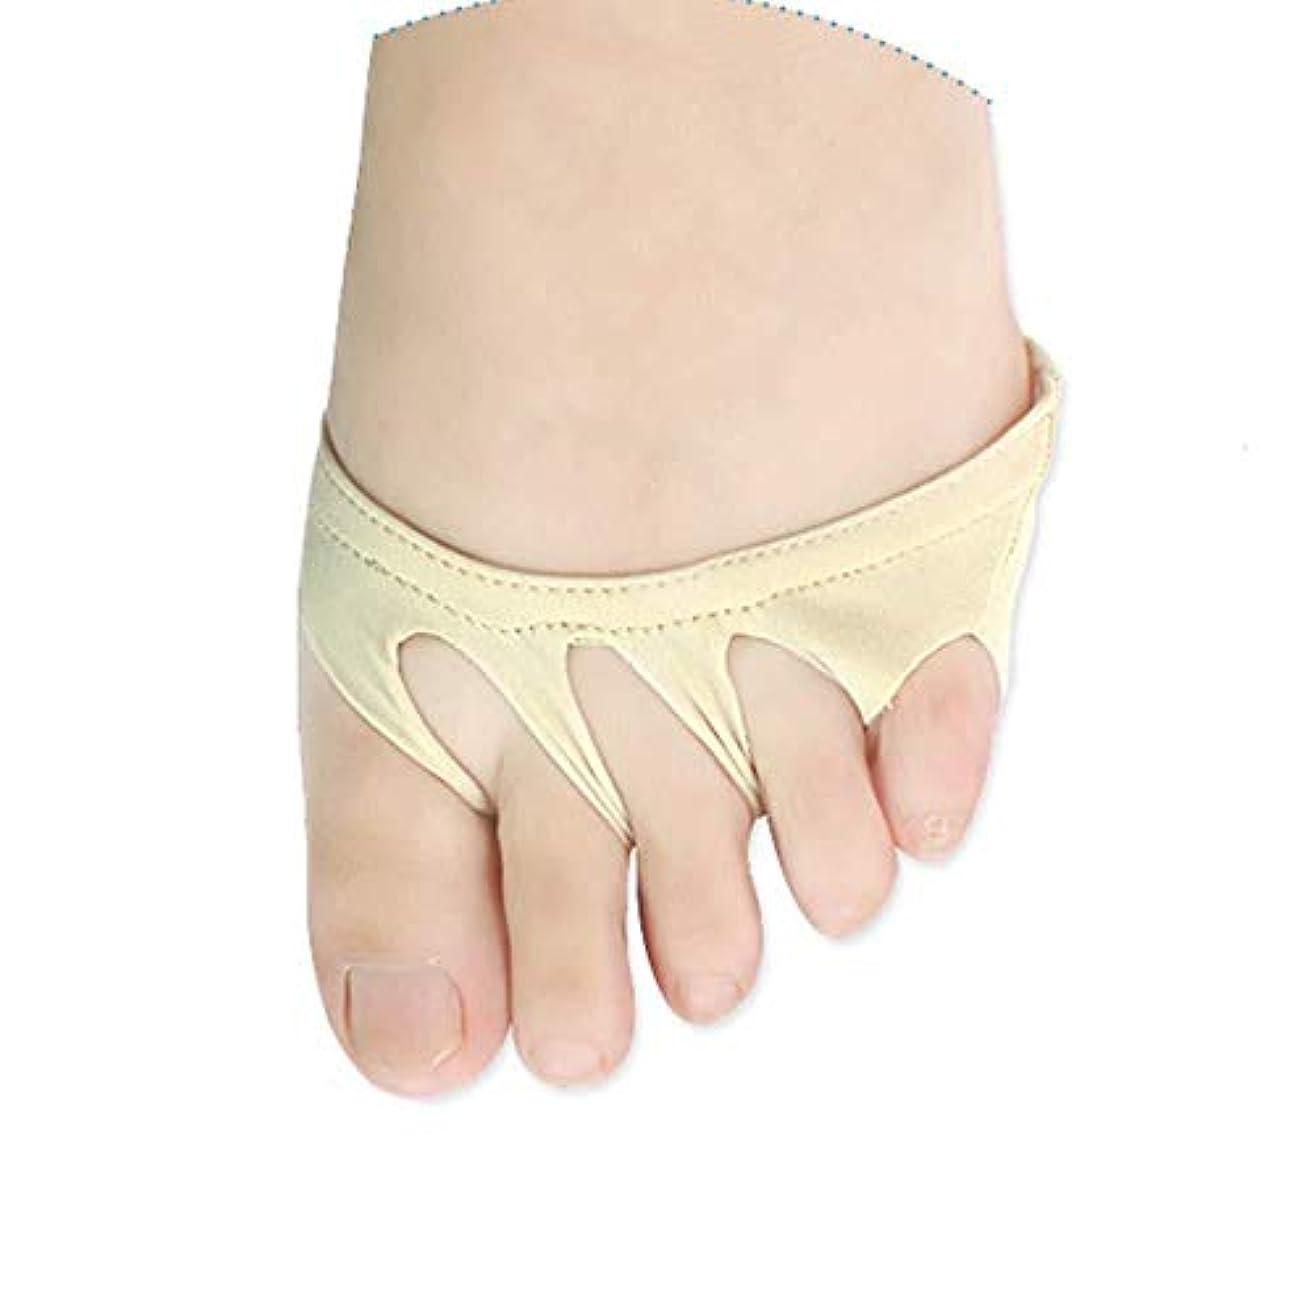 メアリアンジョーンズ経済宙返りつま先セパレーター、つま先外反矯正のつま先セパレーターは、痛みを和らげるために親指を使用して外反母hallに毎日適用されます